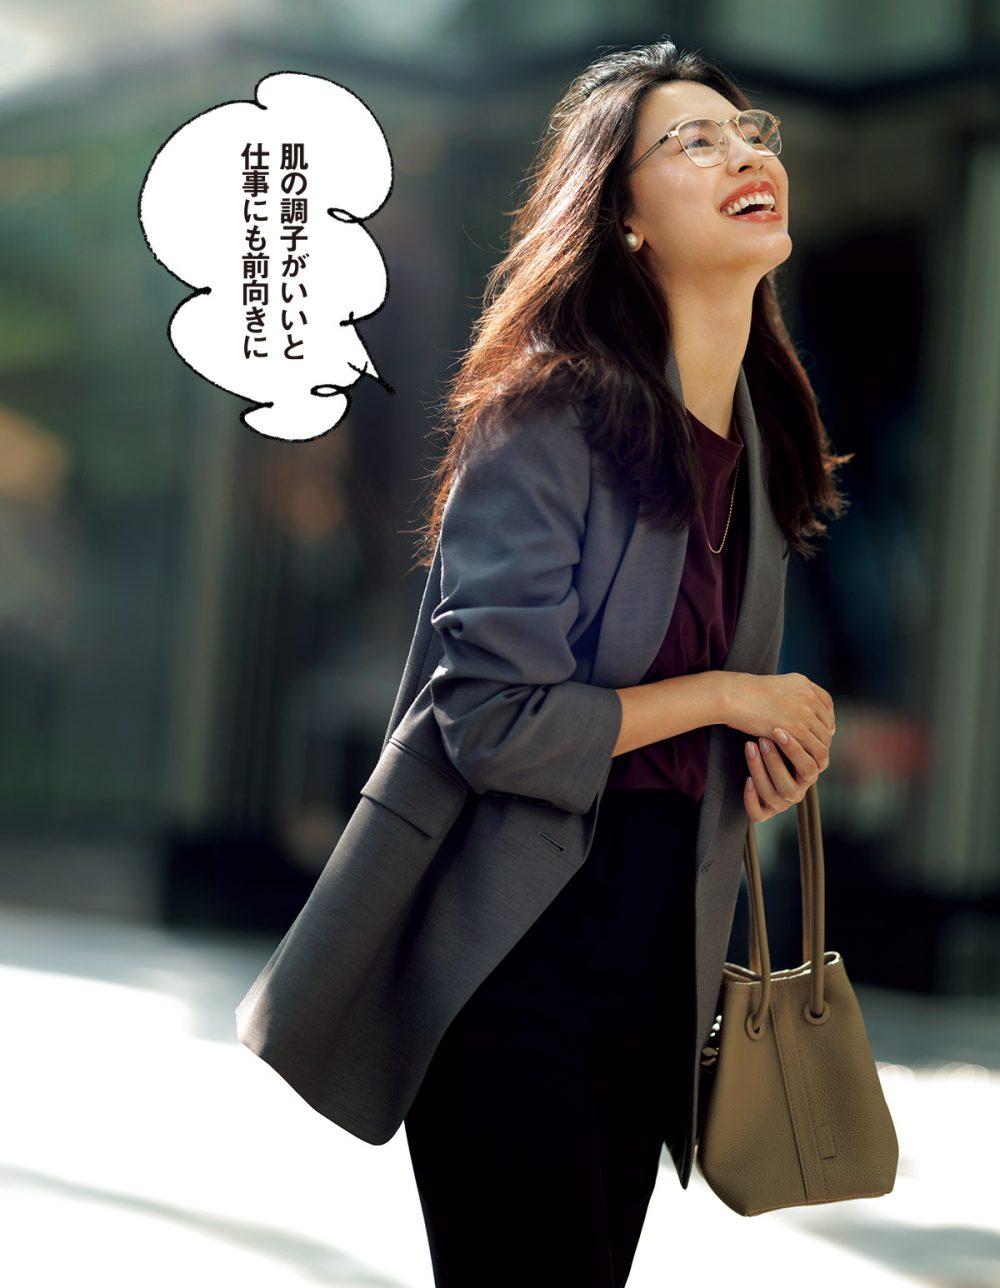 2020/10/obaji_01a.jpg